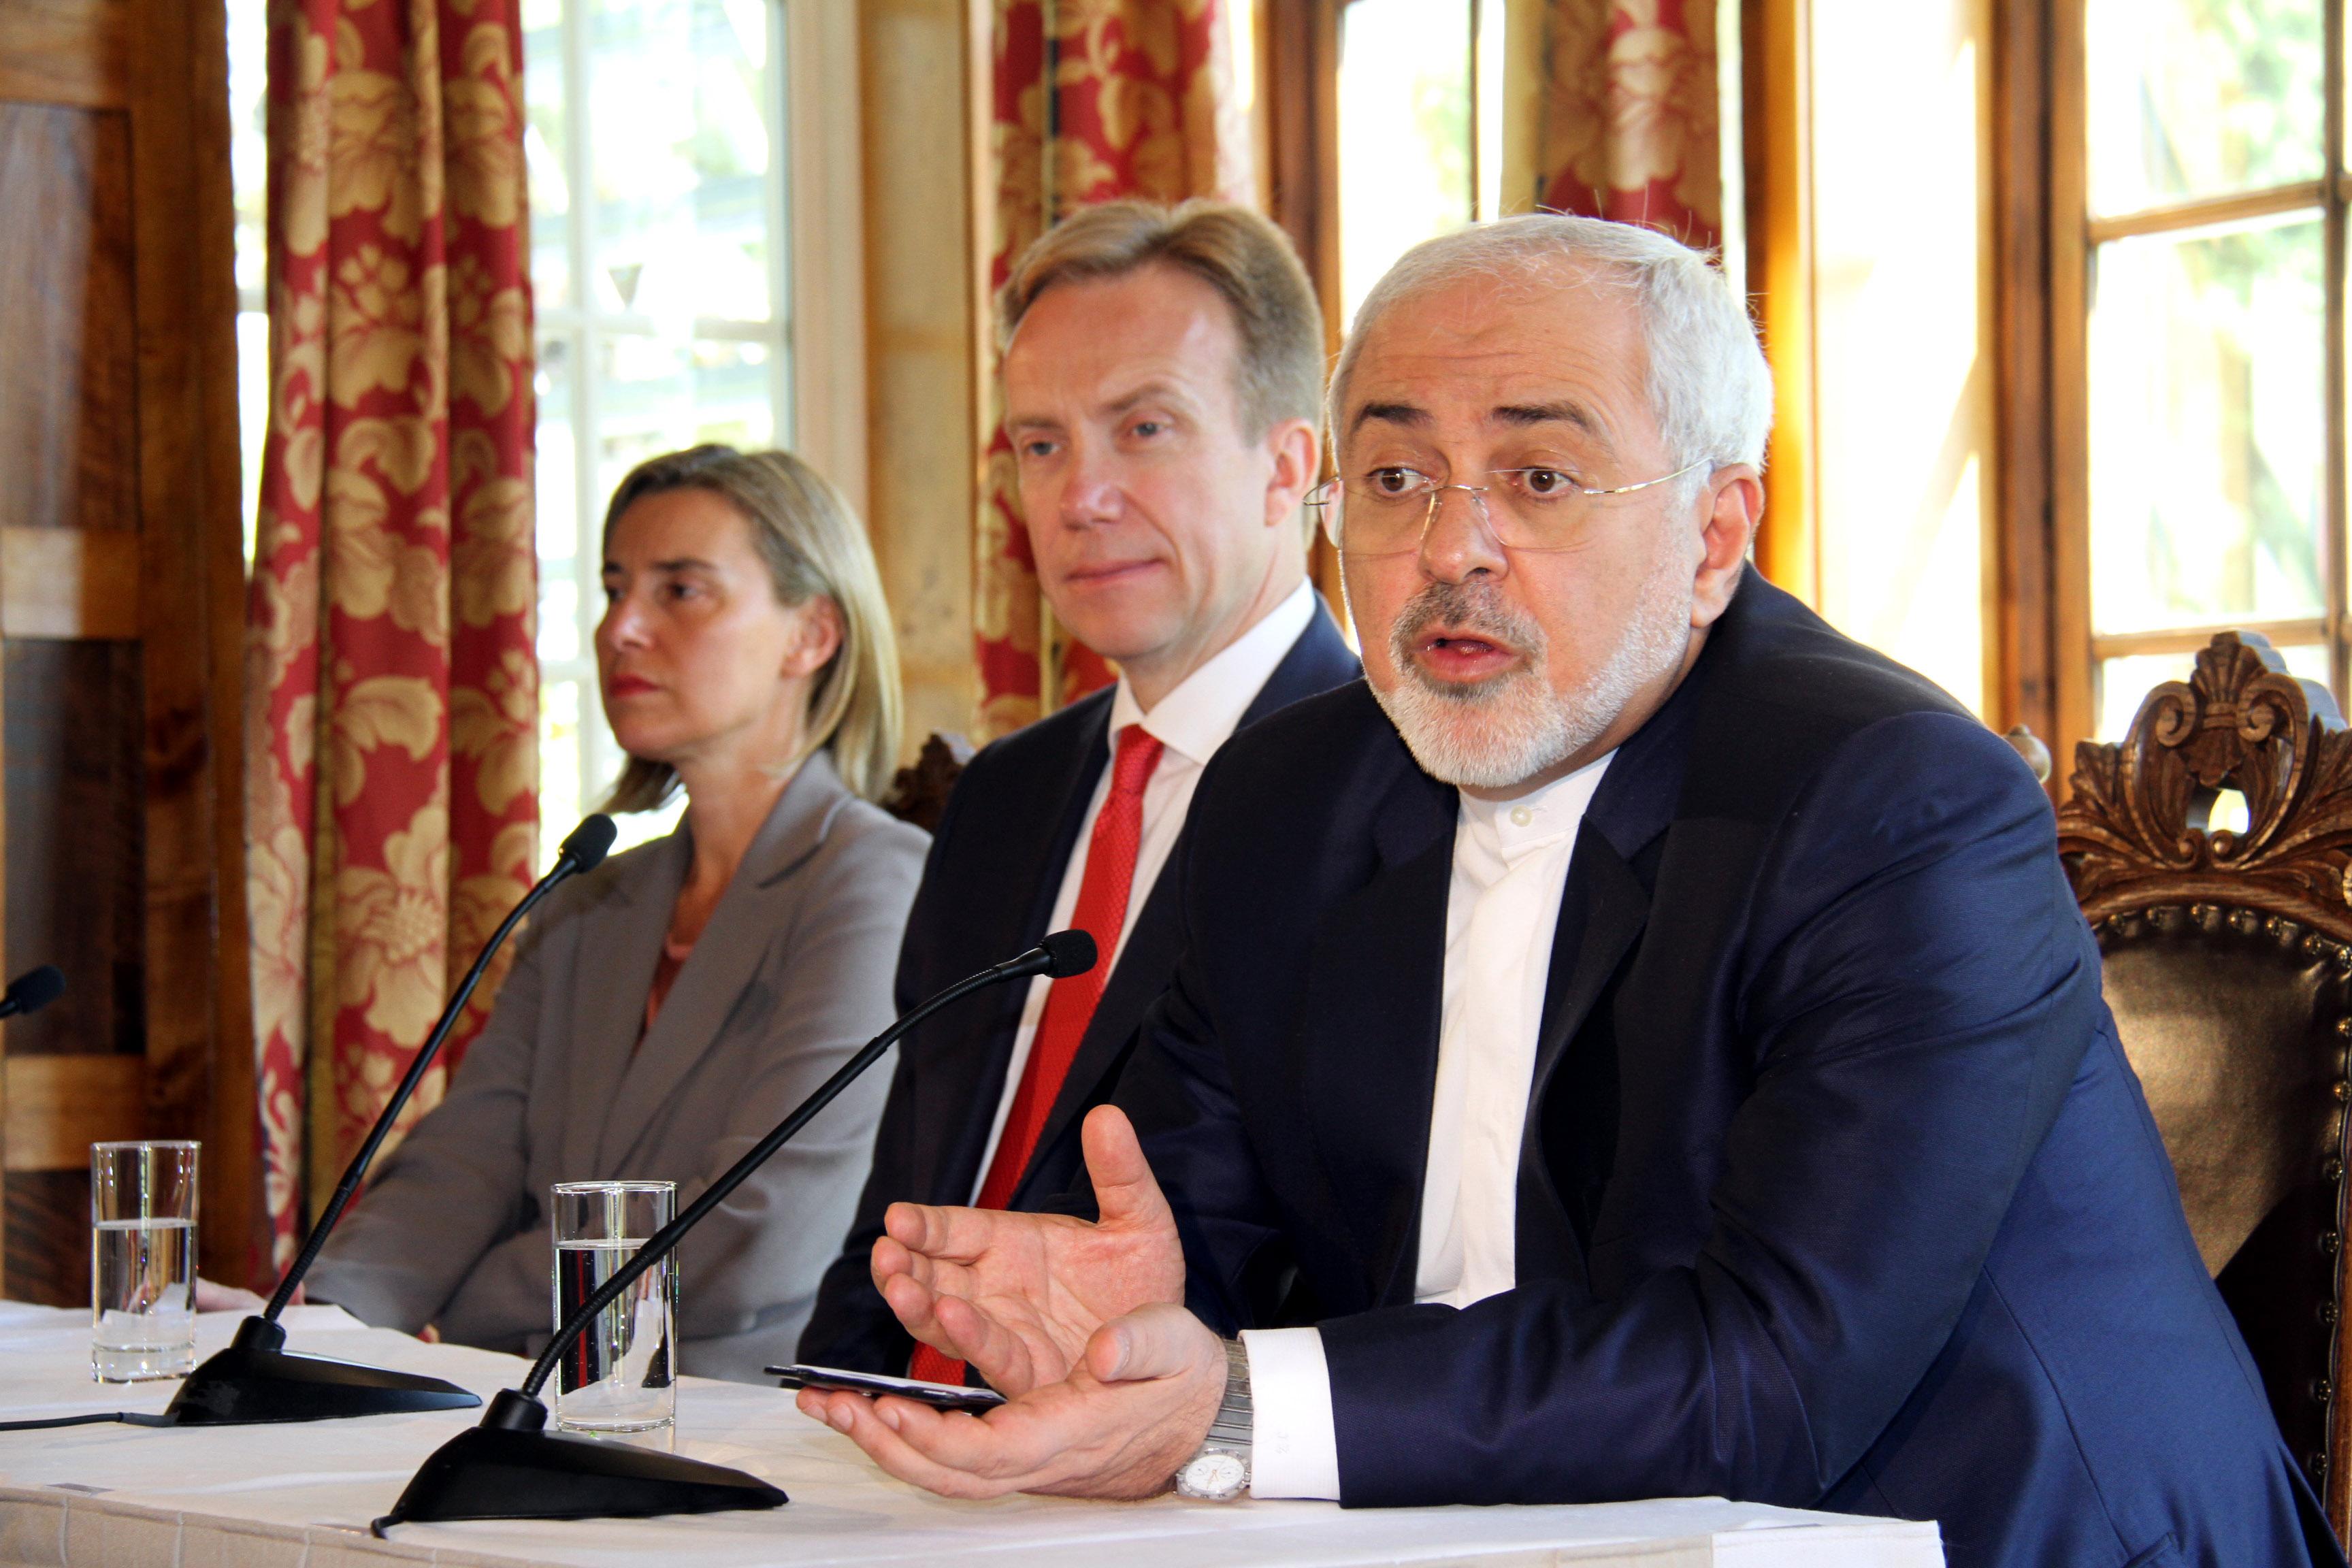 2016年 6月14日,在挪威首都奥斯陆,伊朗外交部长扎里夫(右)在记者招待会上讲话。(新华社记者张淑惠摄)